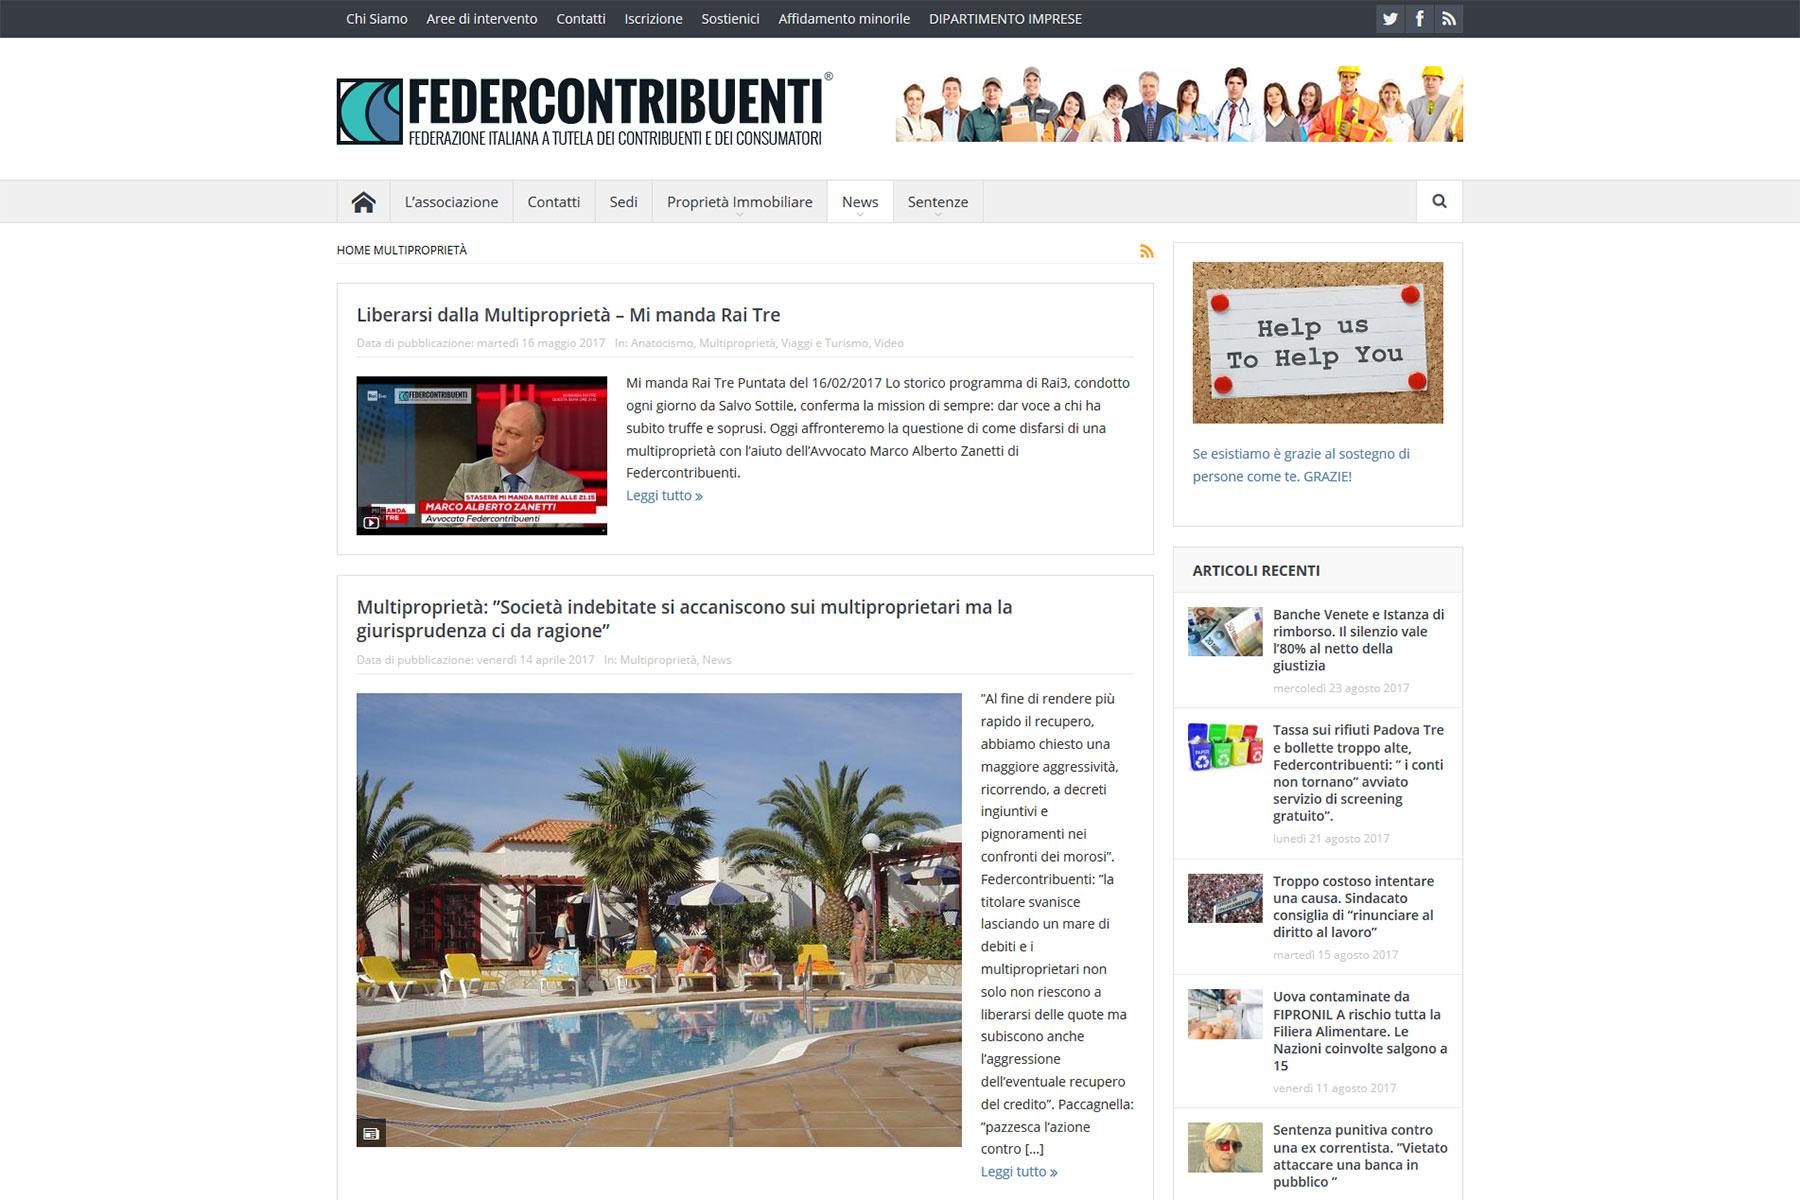 xplay-agenzia-web-sito-federcontribuenti-nazionale-roma-italia